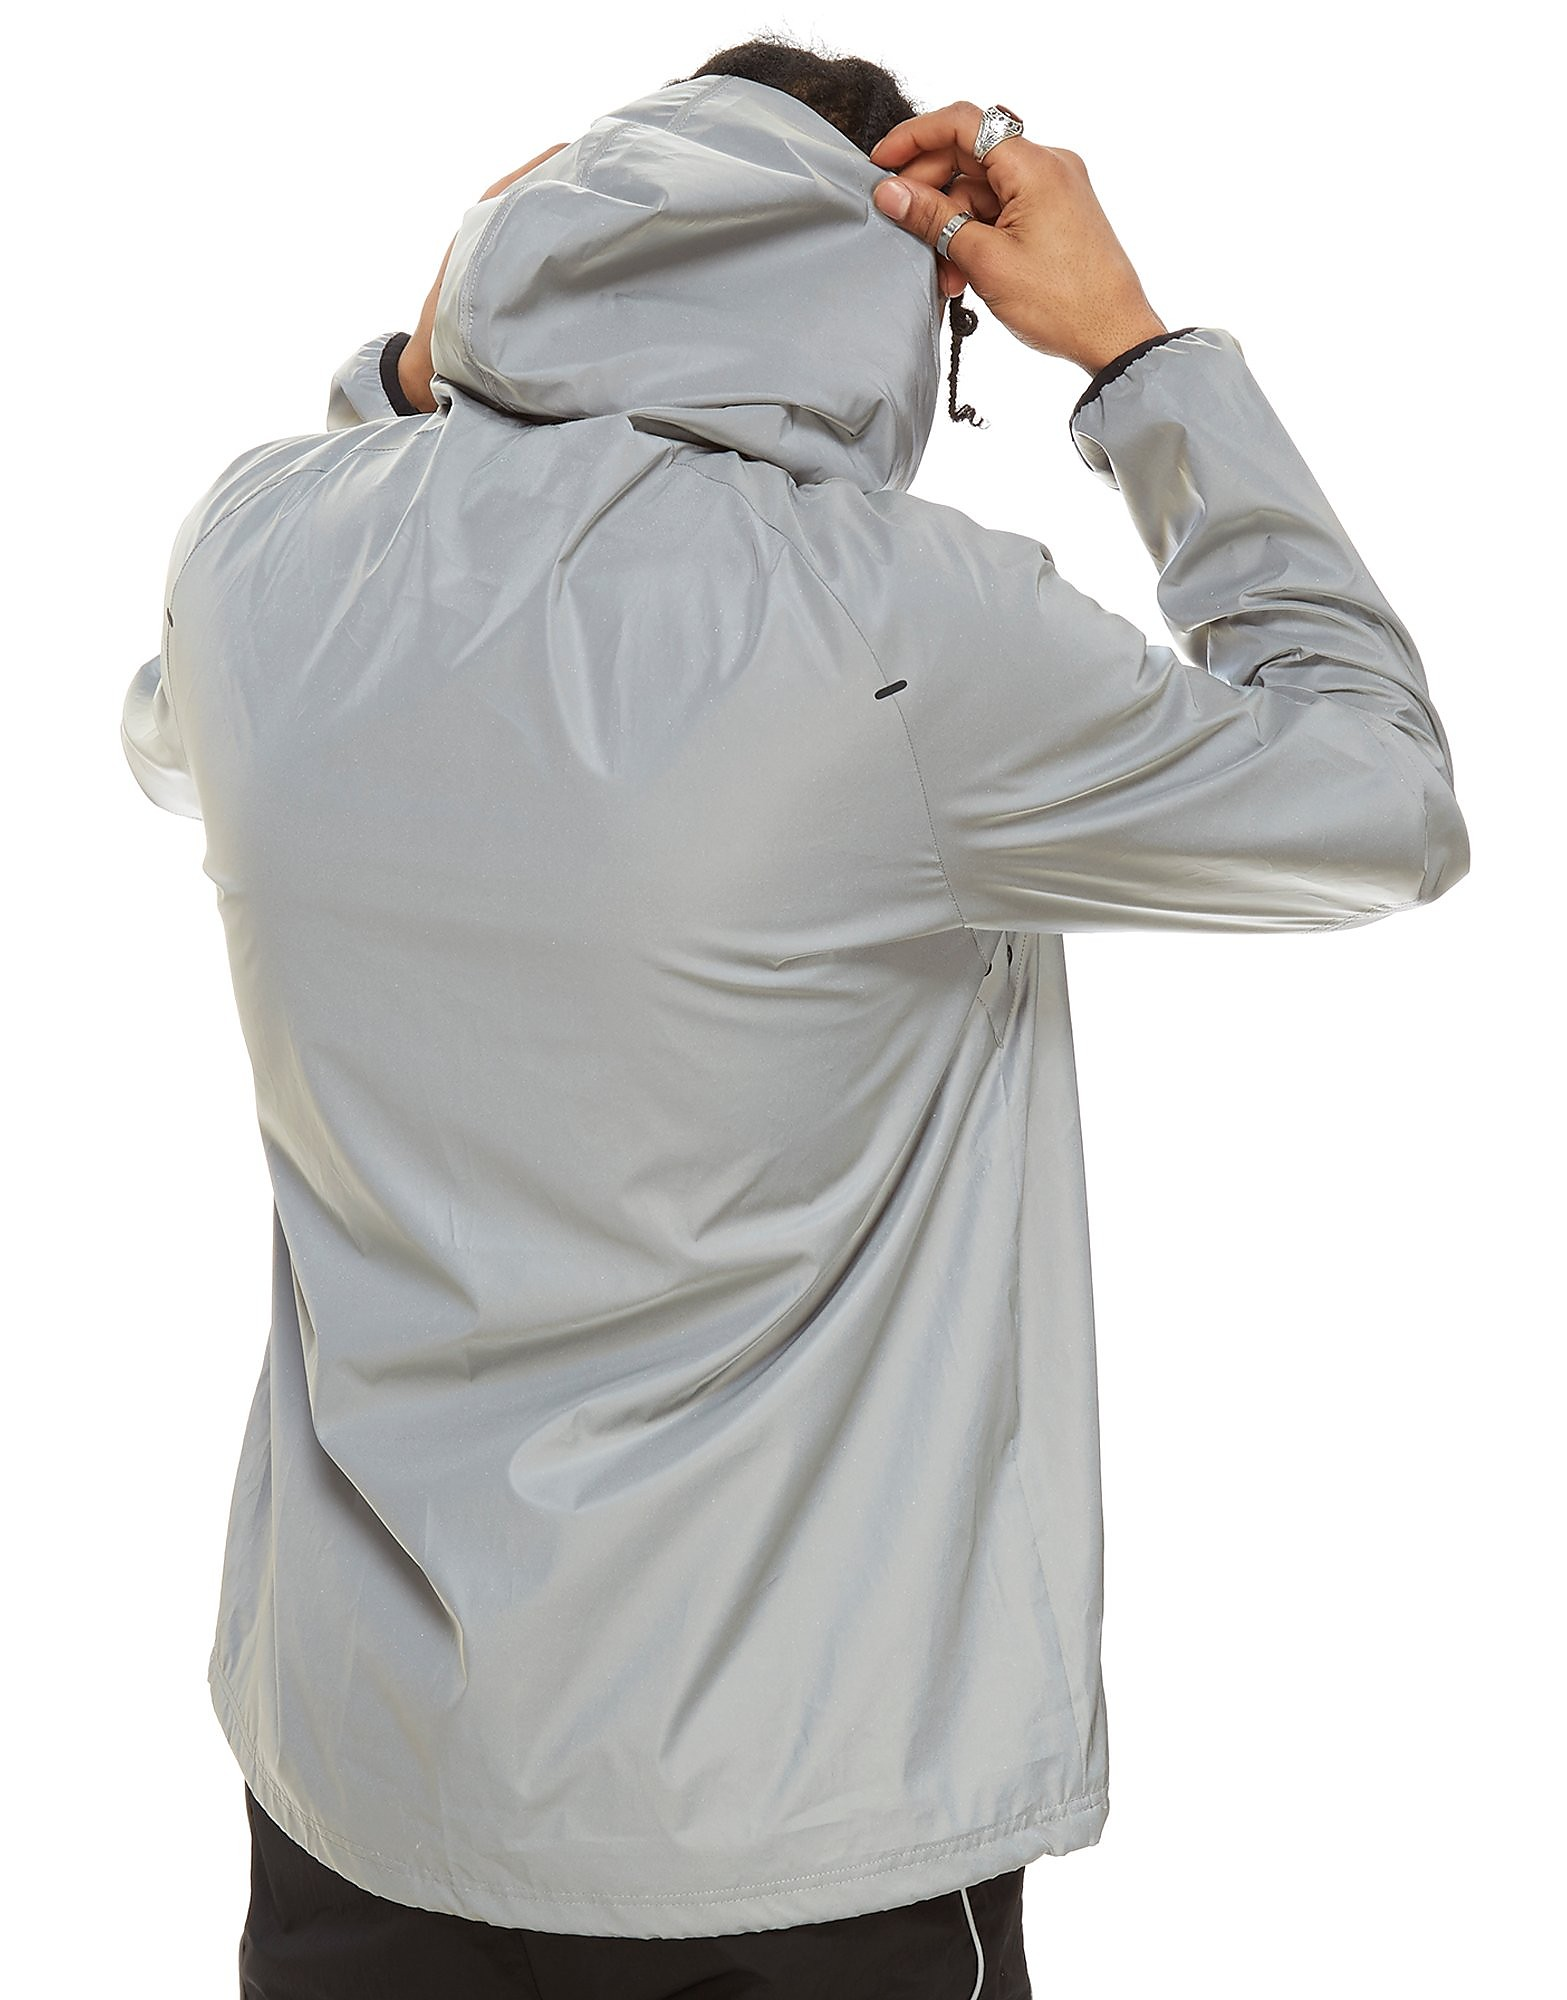 Align Veste réfléchissante zippée 1/4 Vultee Reflective Homme